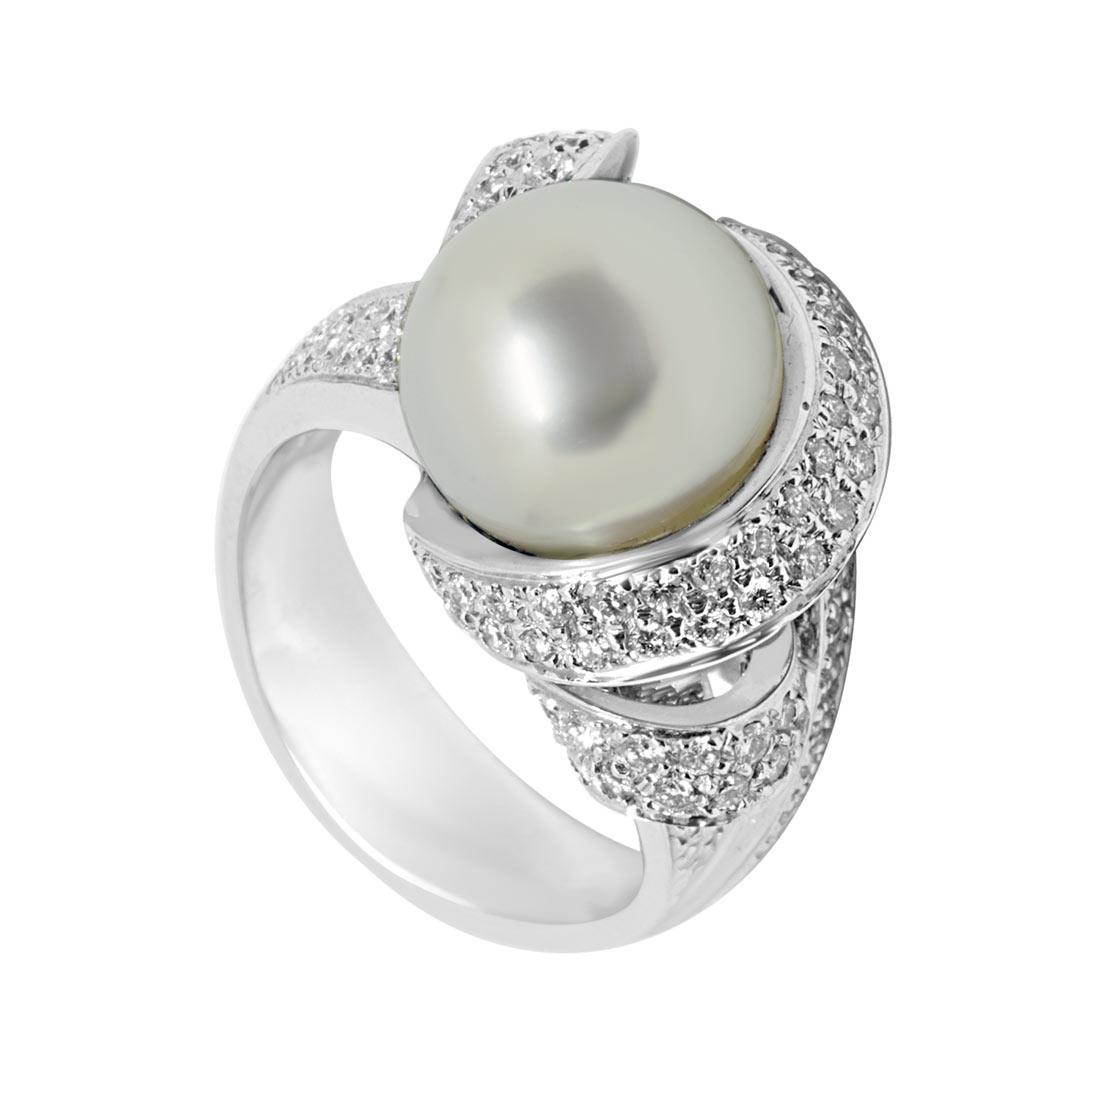 Anello in oro bianco con perla e diamanti mis 14 - ORO&CO